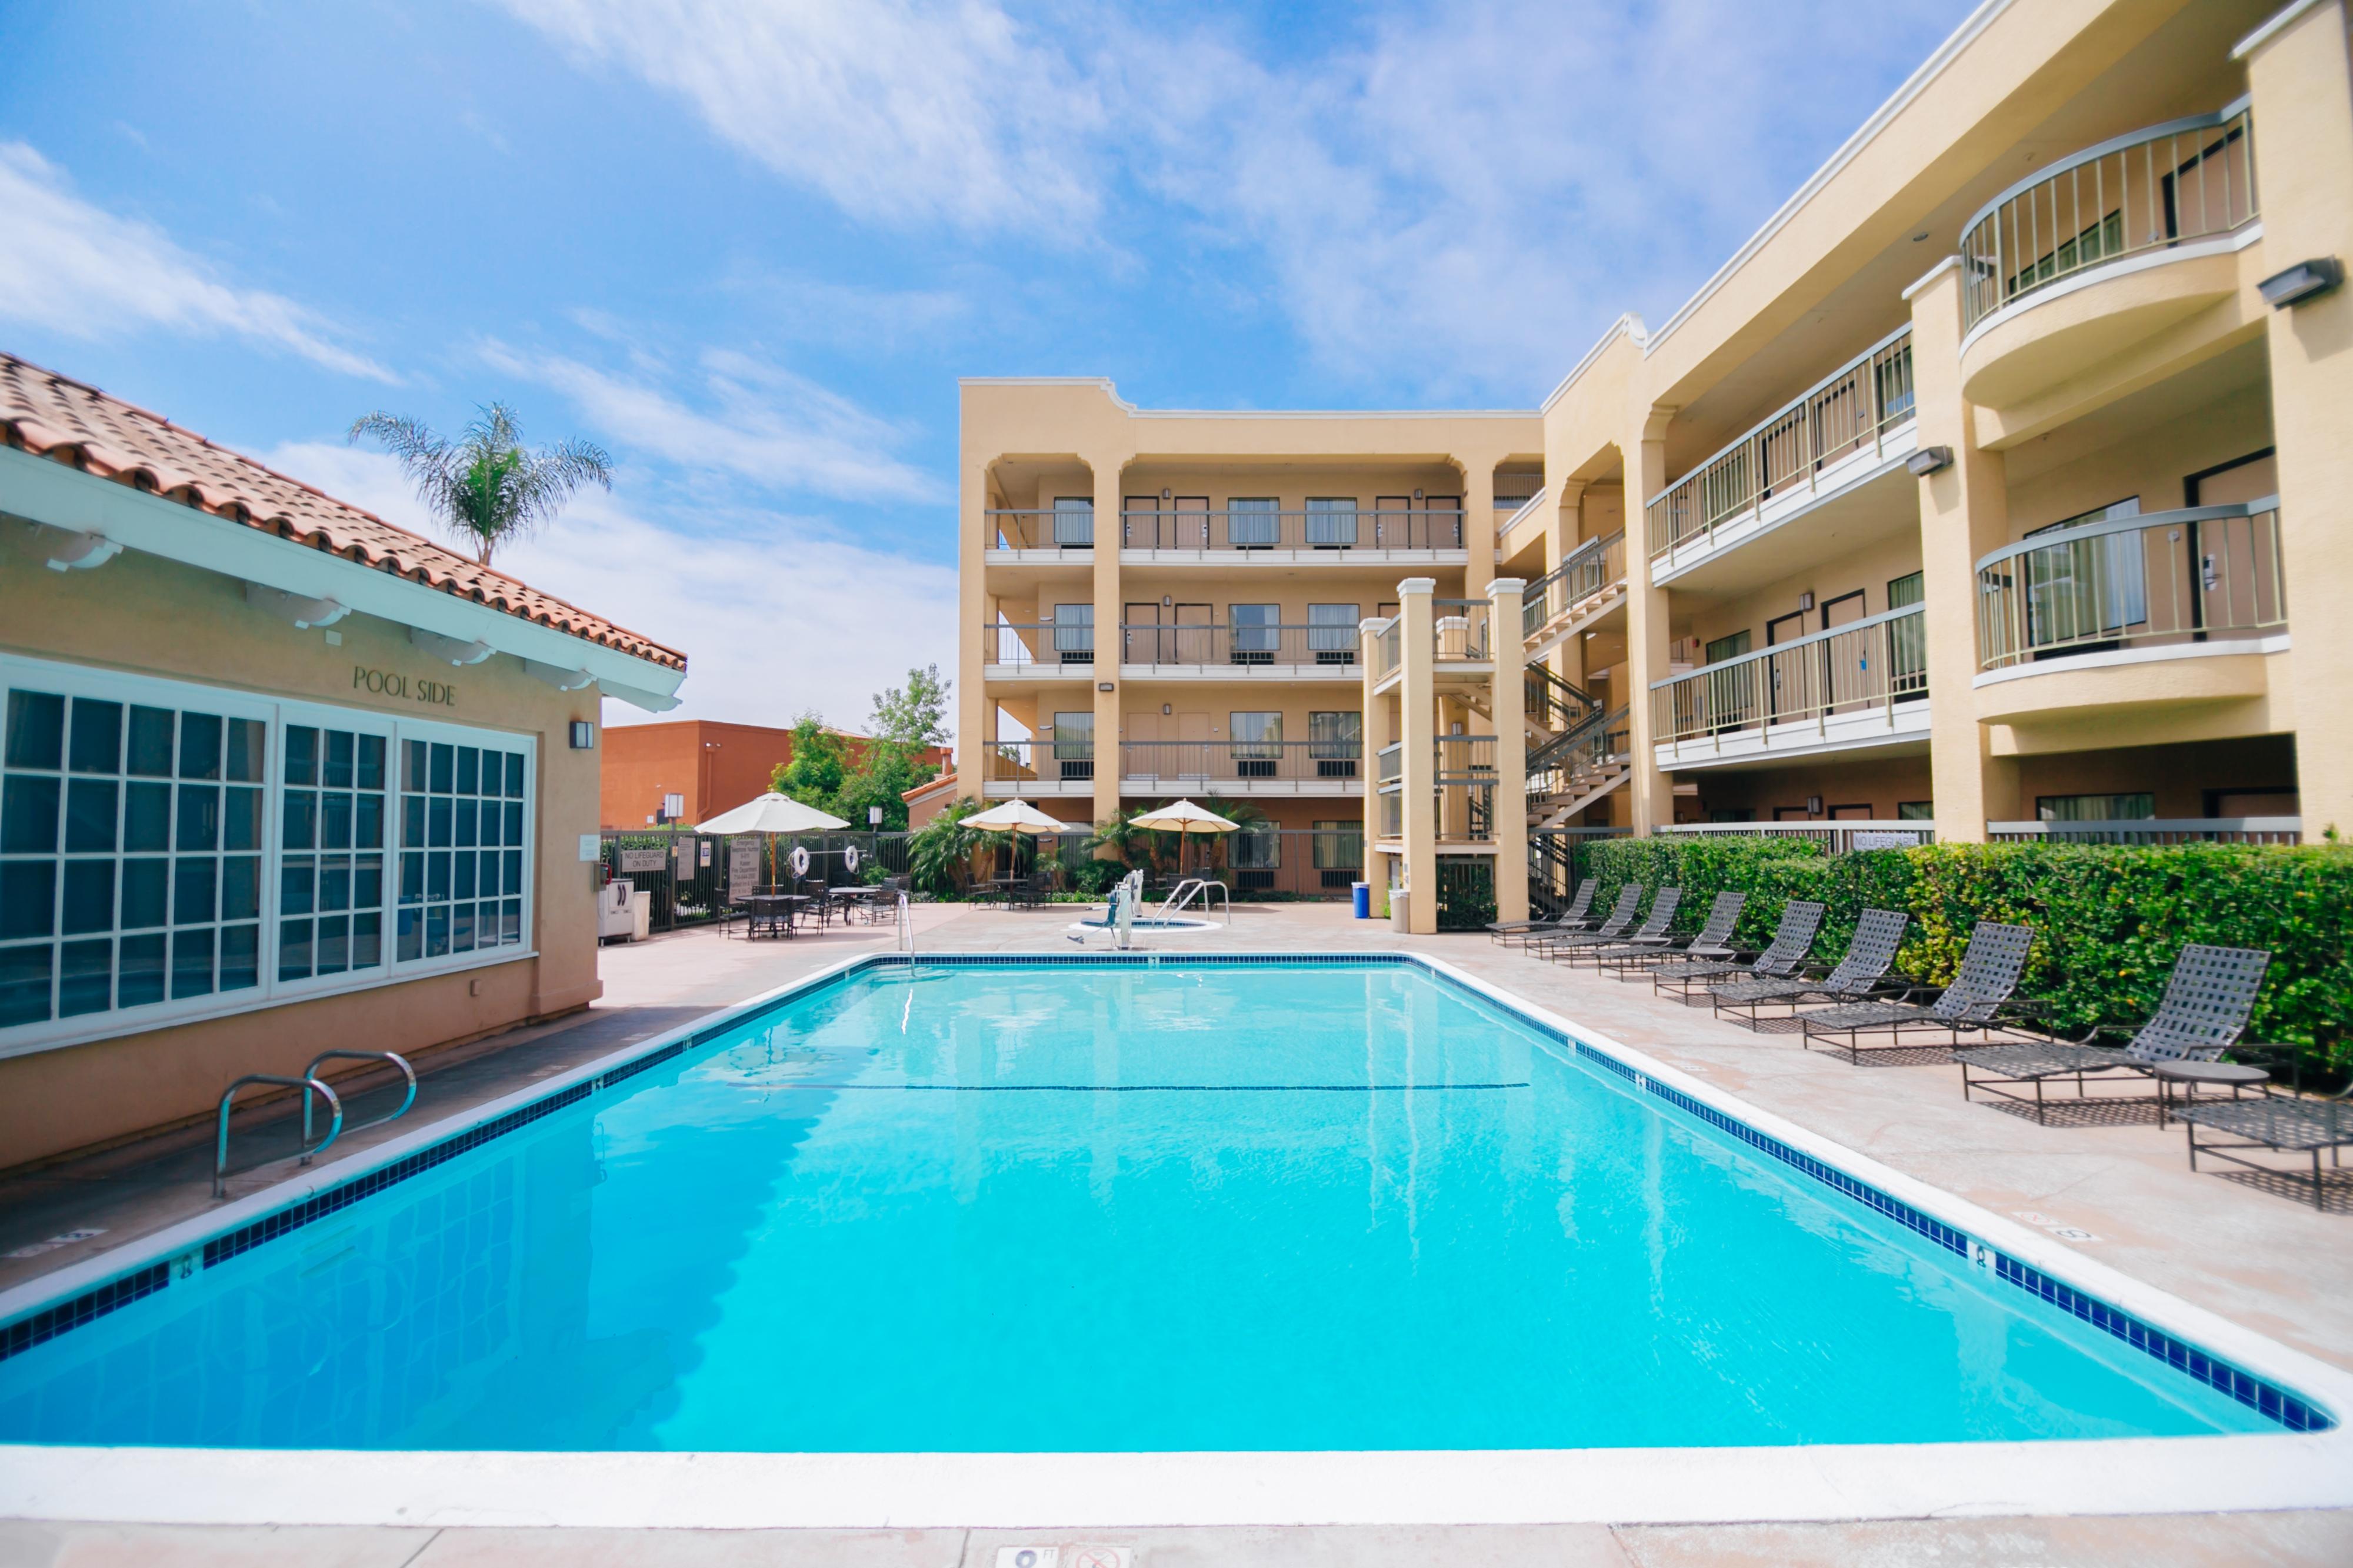 Fairfield Inn by Marriott Anaheim Hills Orange County image 16